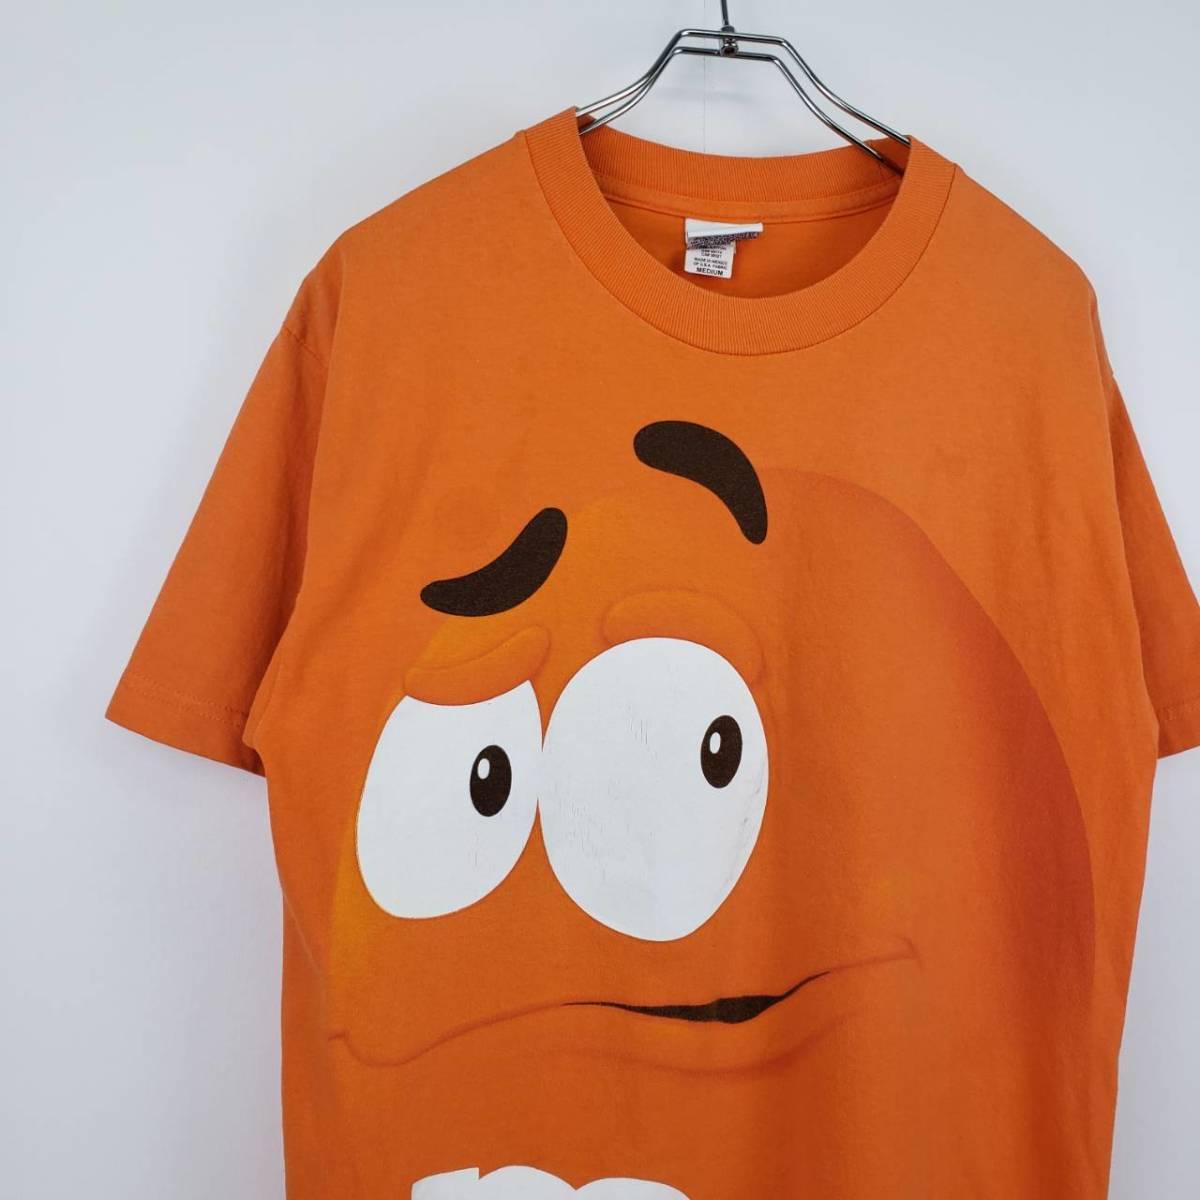 Paypayフリマ 古着 90s M M S エムアンドエムズ Tシャツ オレンジチョコ メキシコ製